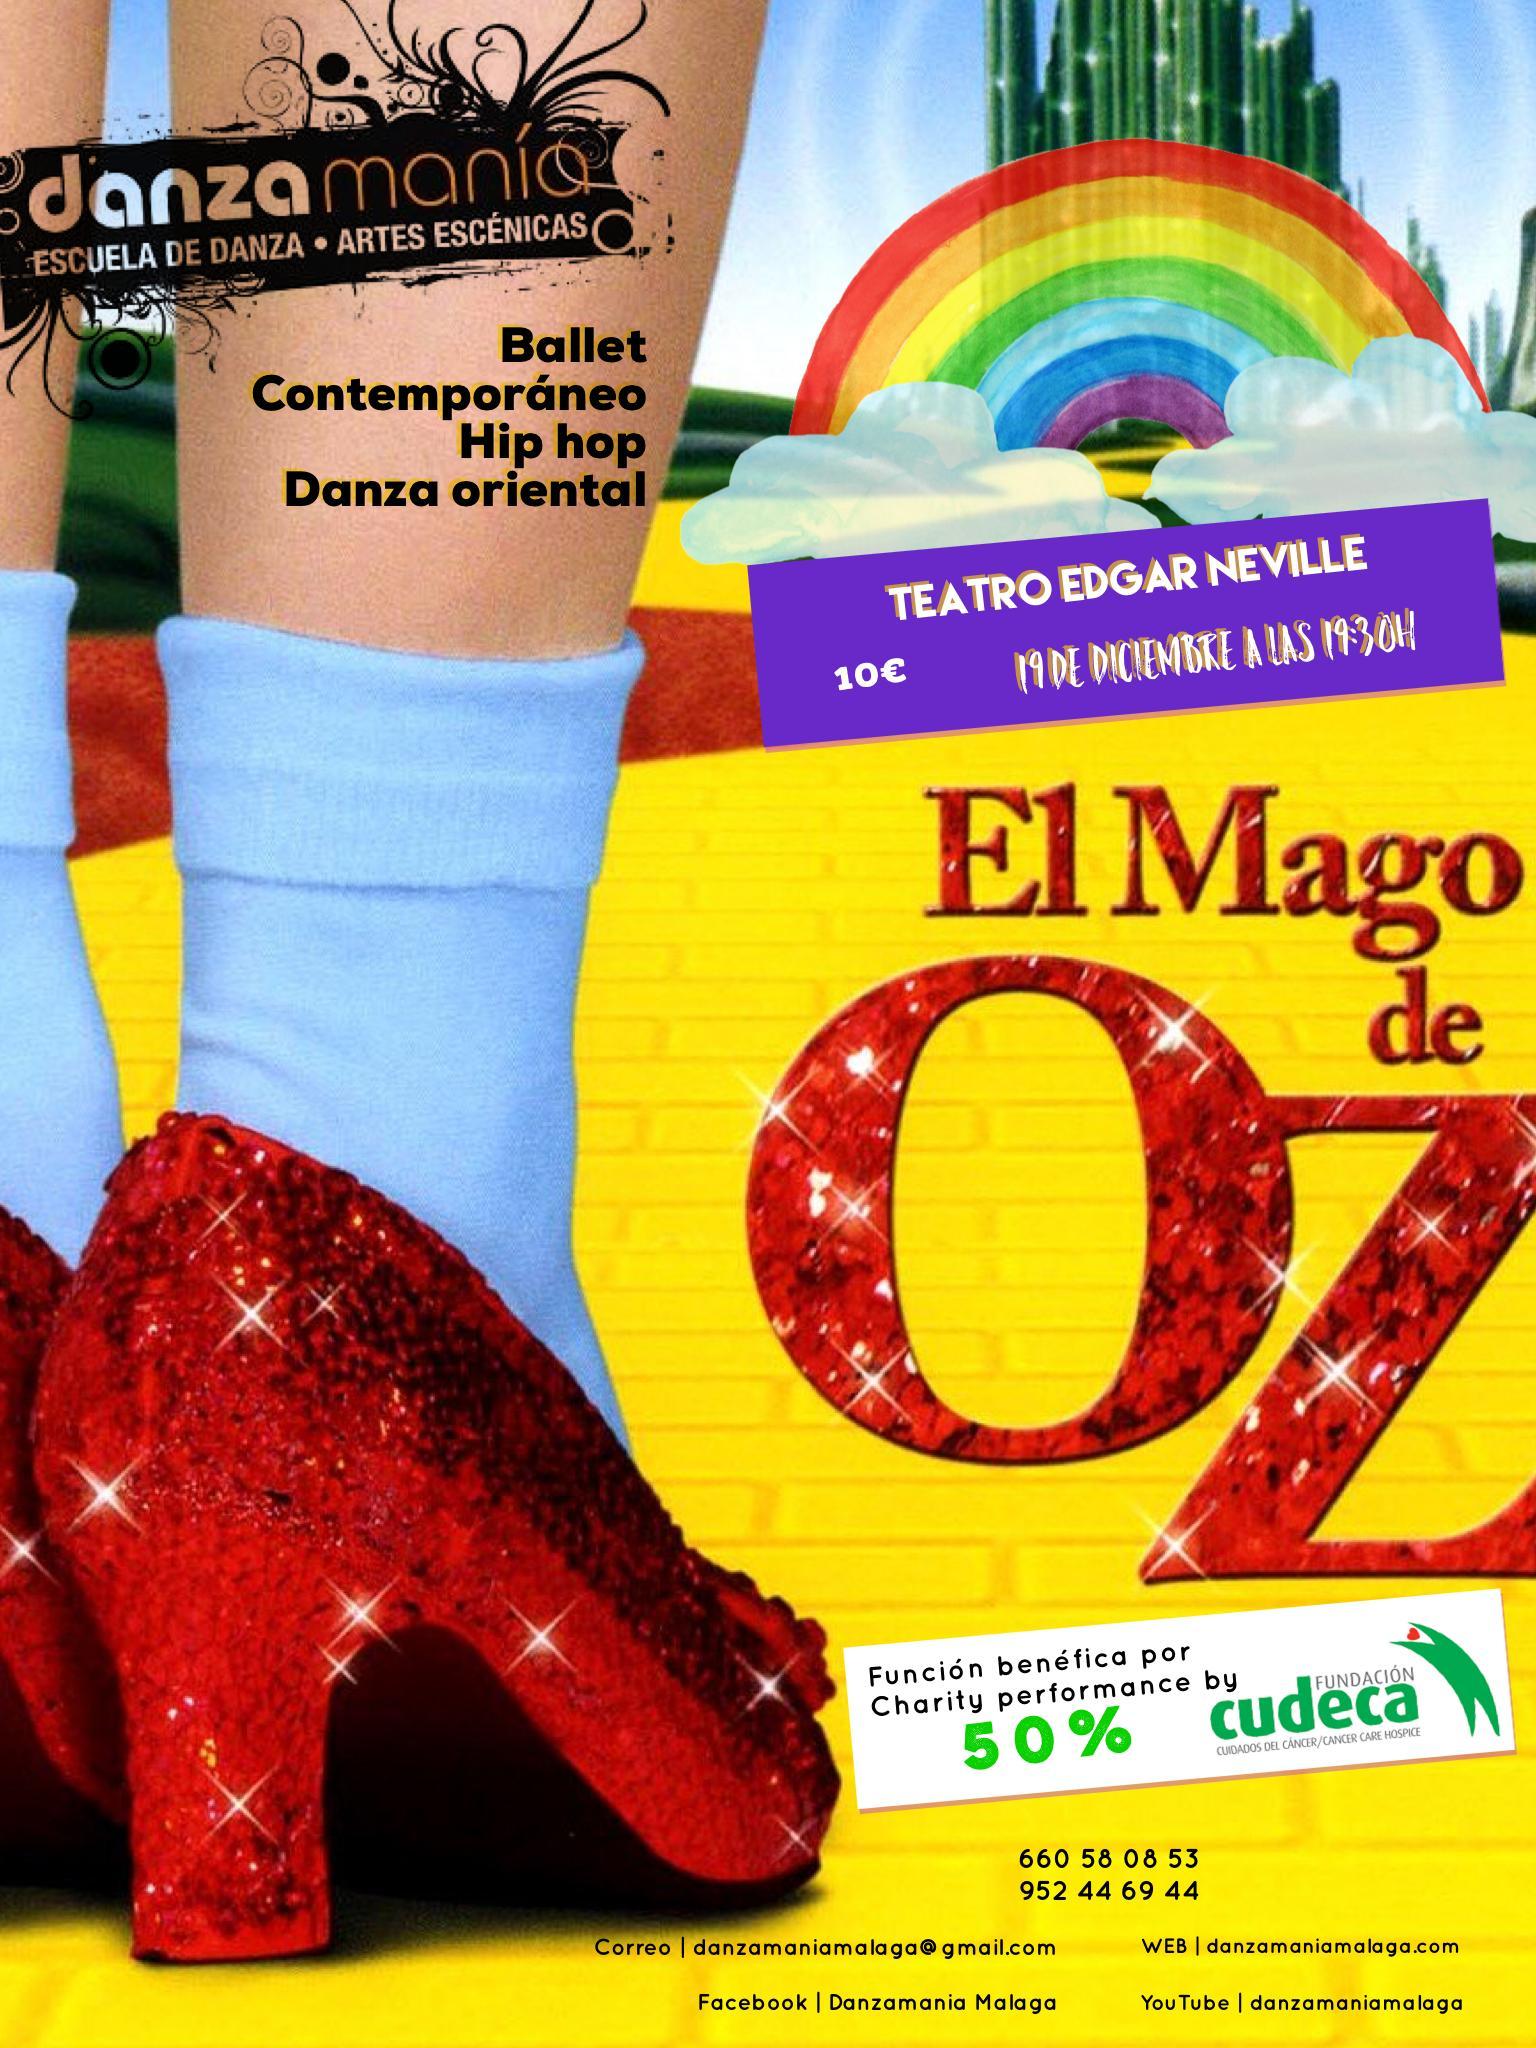 Musical El Mago de Oz, Danzamanía a beneficio de CUDECA